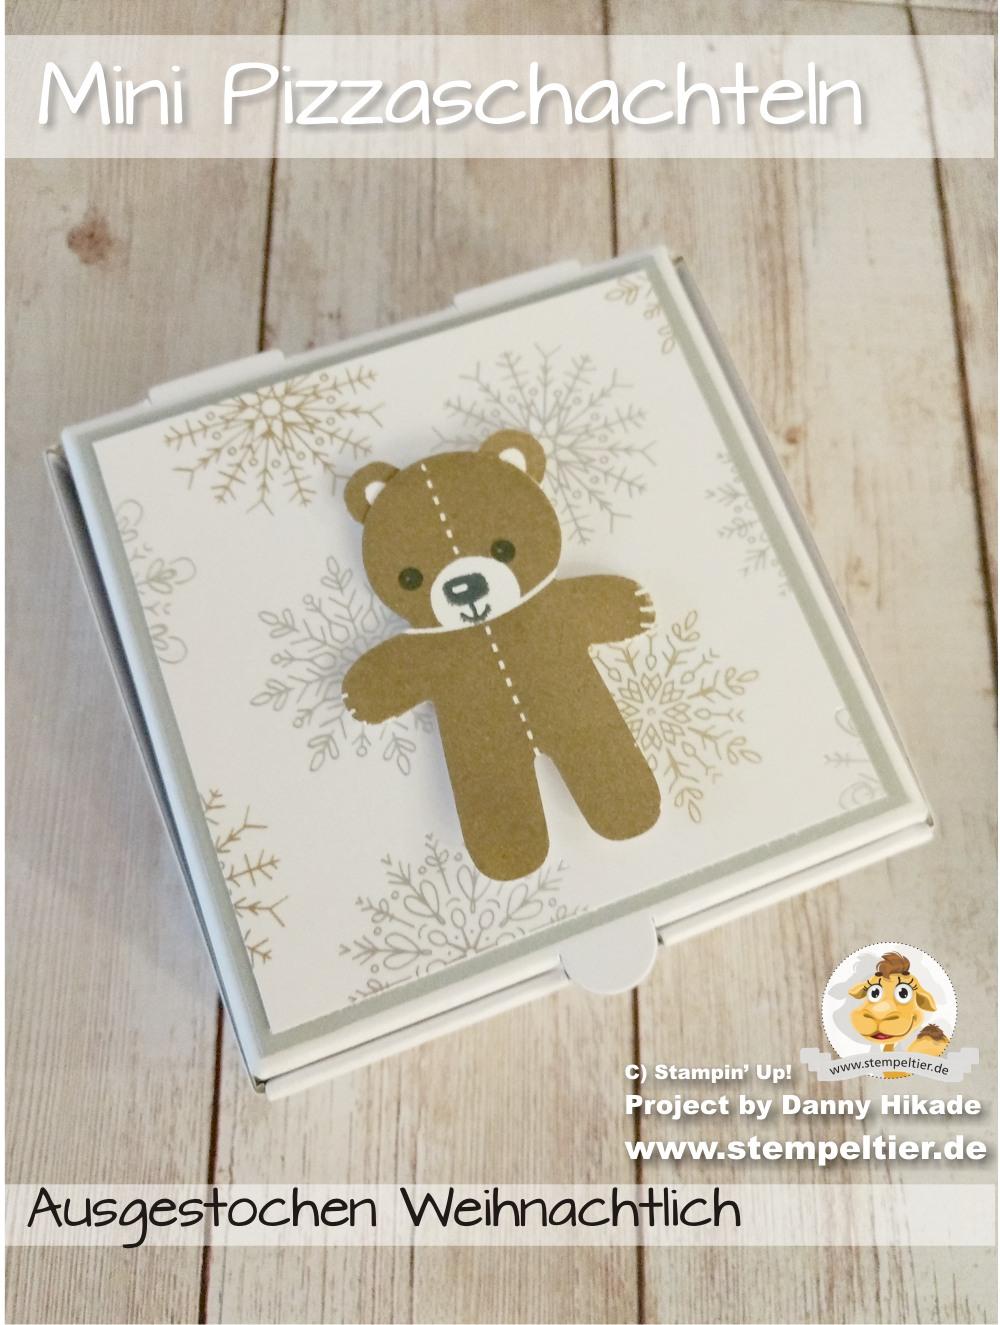 stampin up blog DSP year of cheer designerpapier pizza schachtel karton teddy ausgestochen weihnachtlich stempeltier